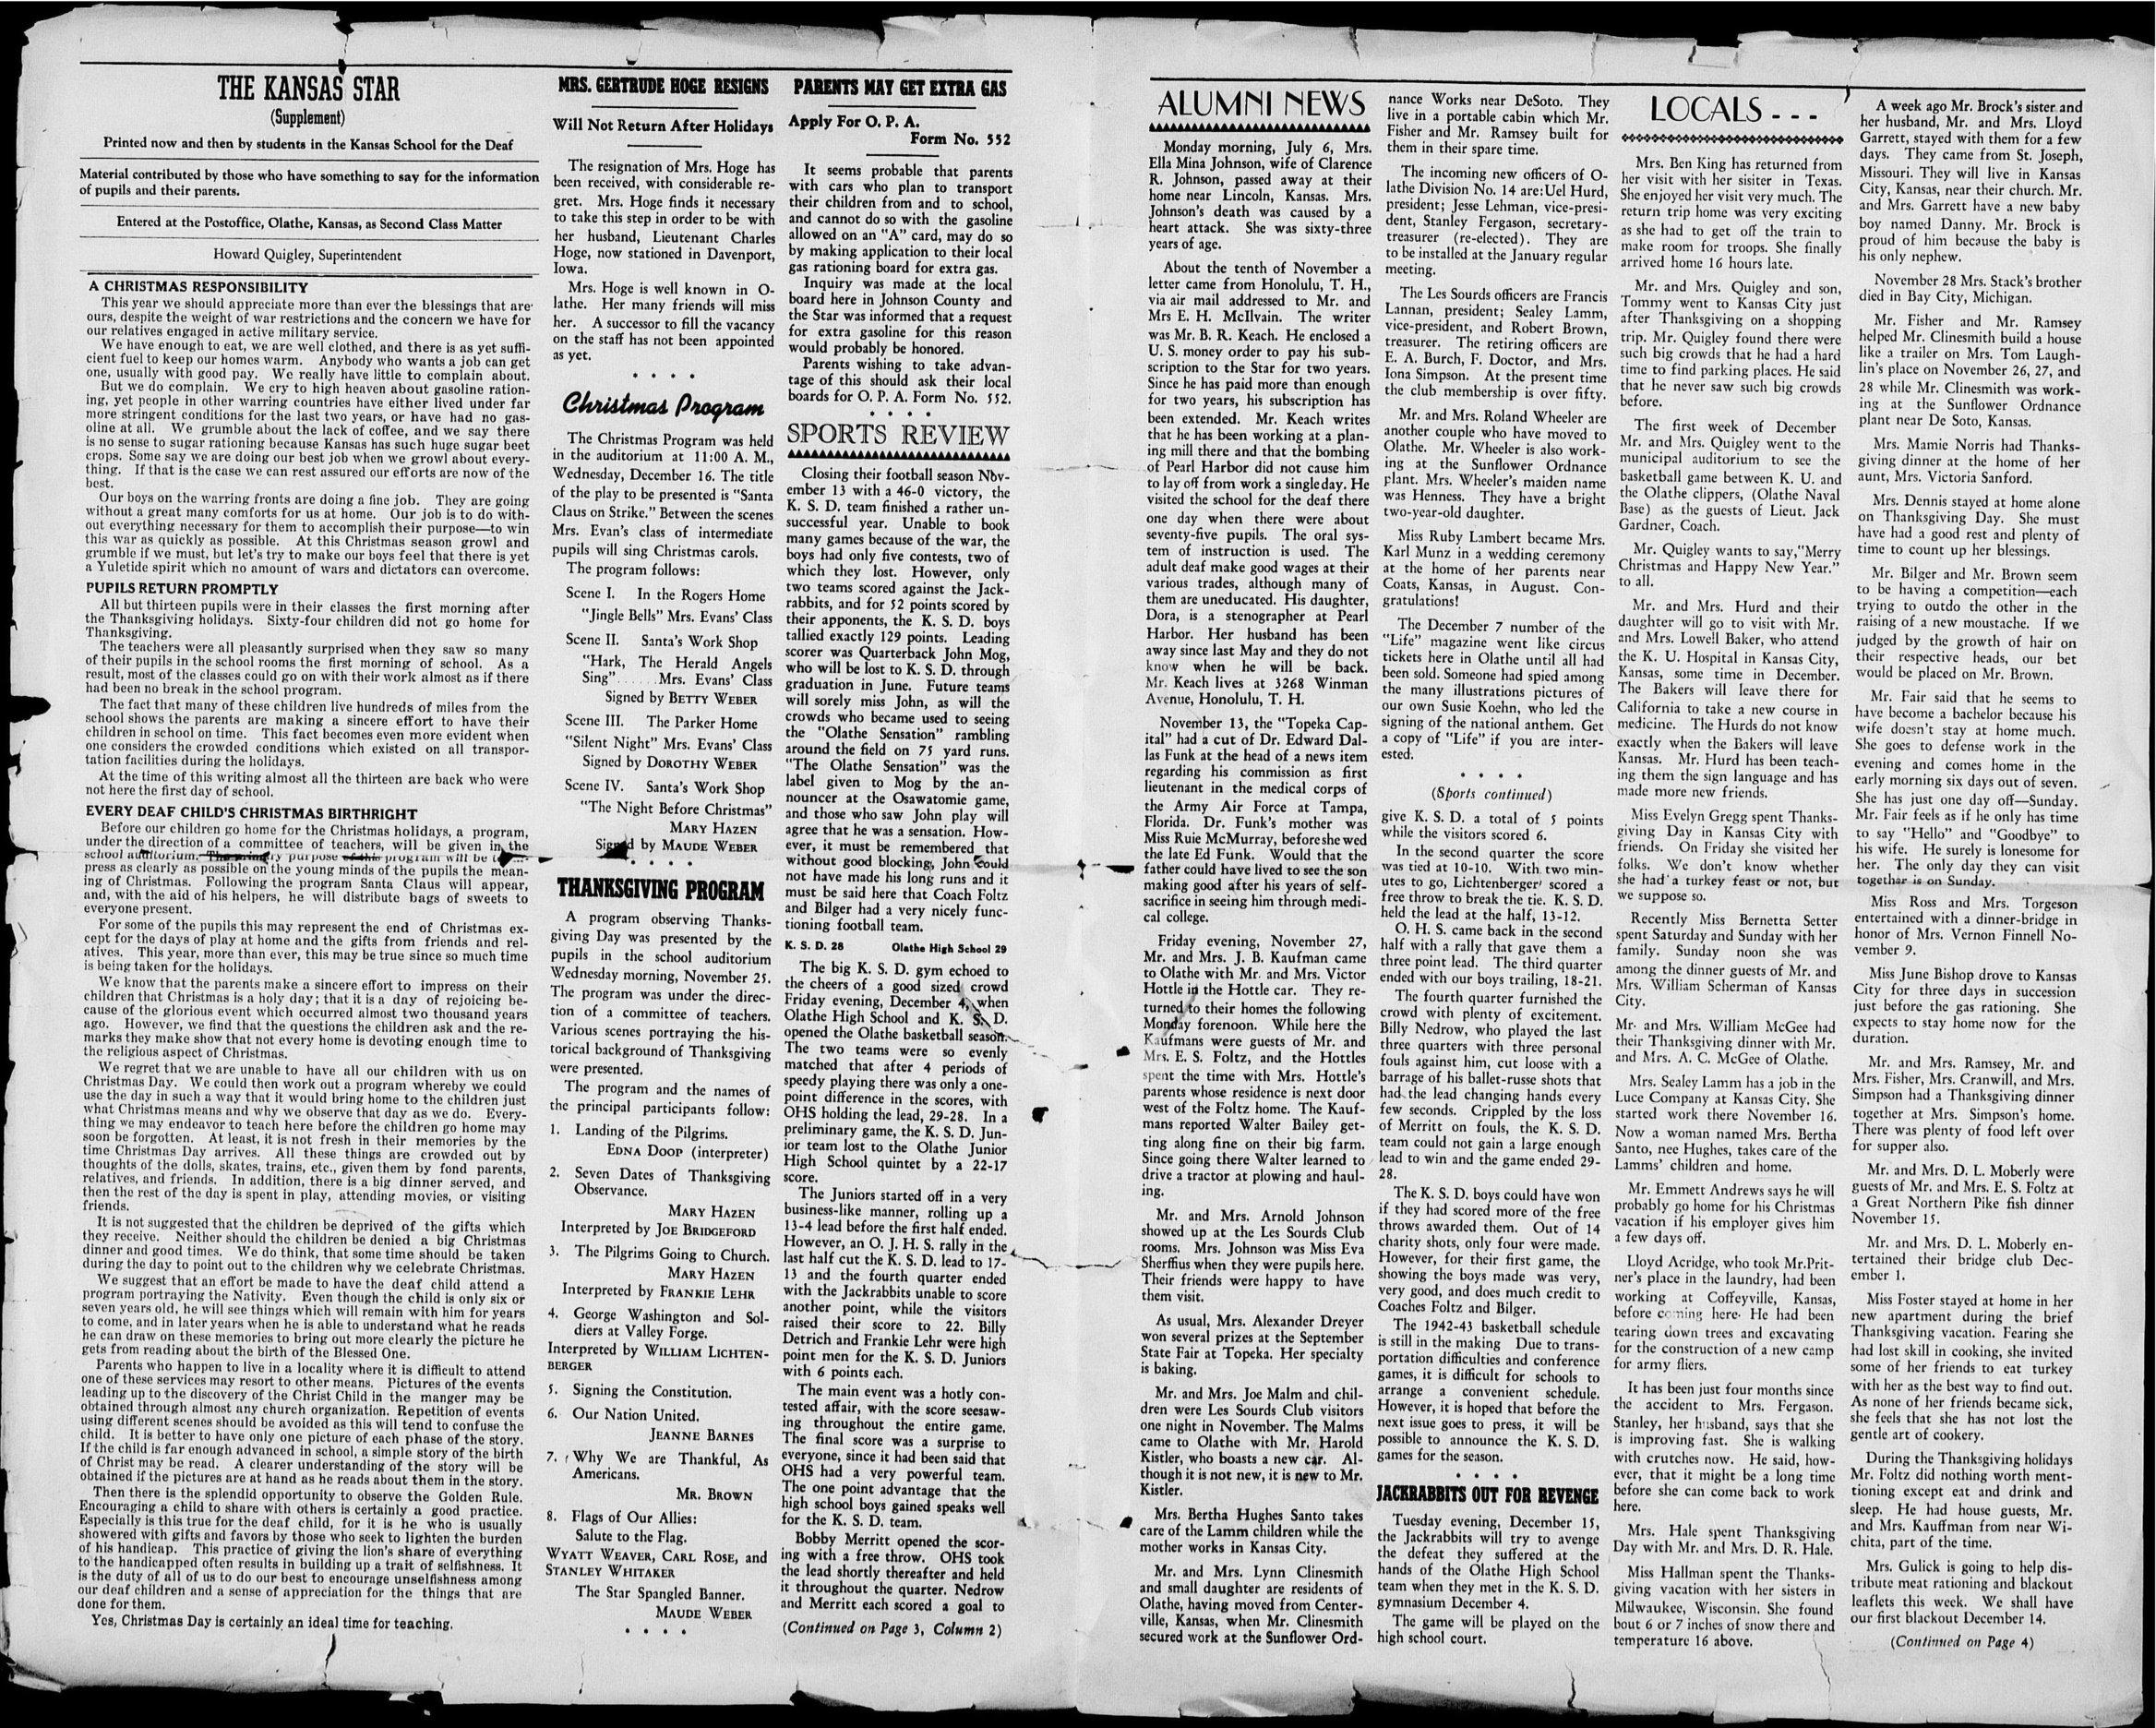 The Kansas Star, volume 57, number 2 - Inside